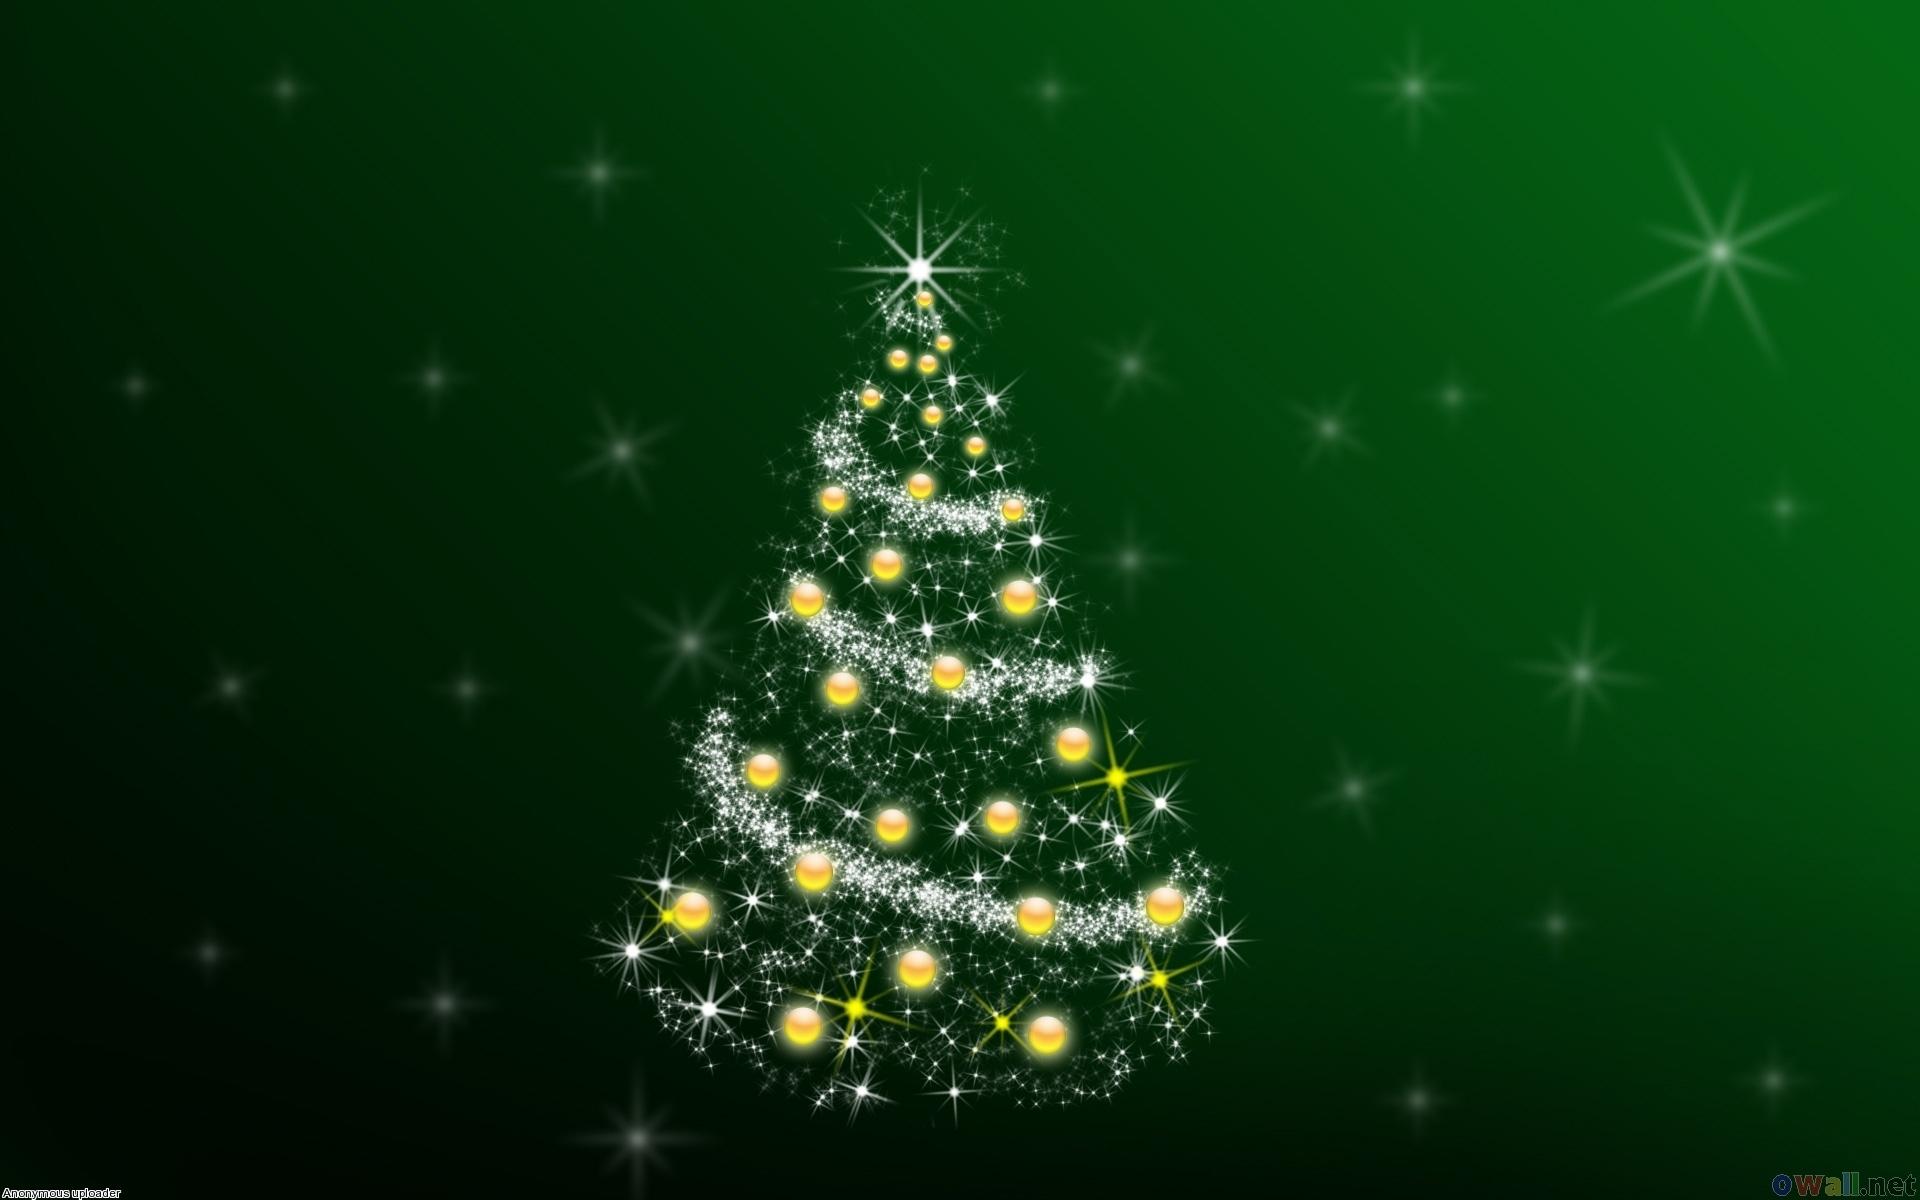 Natale ecologico: come viverlo in maniera sostenibile